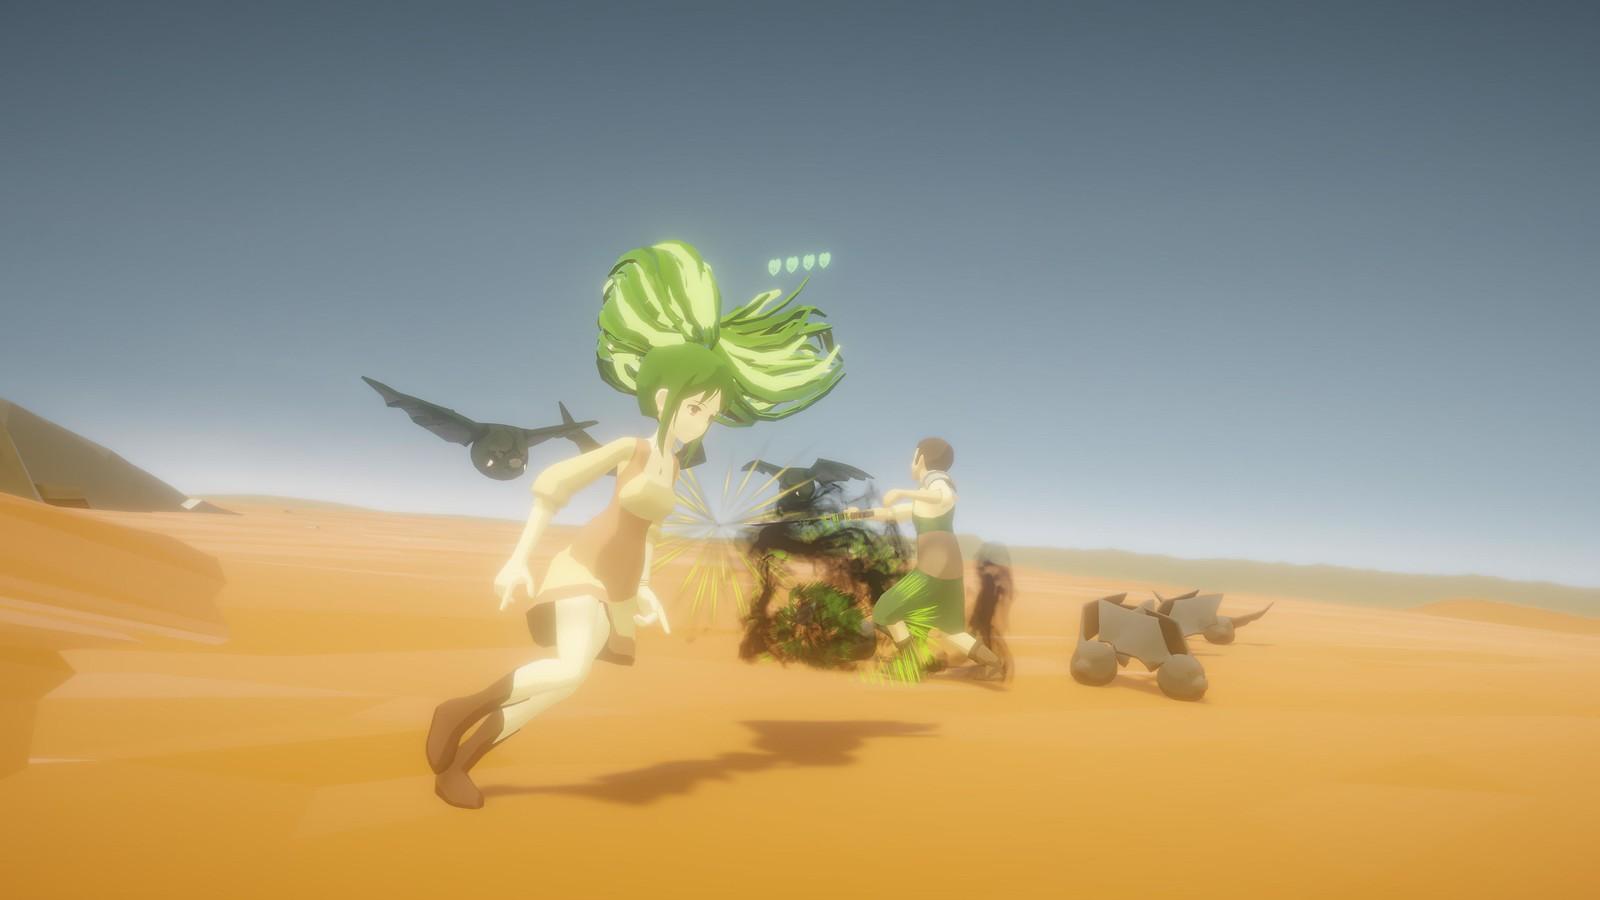 48064062133 5afdccbf65 h - Medusa and Her Lover verwandelt eine griechische Legende in ein Koop-Abenteuer für PSVR, das heute erscheint